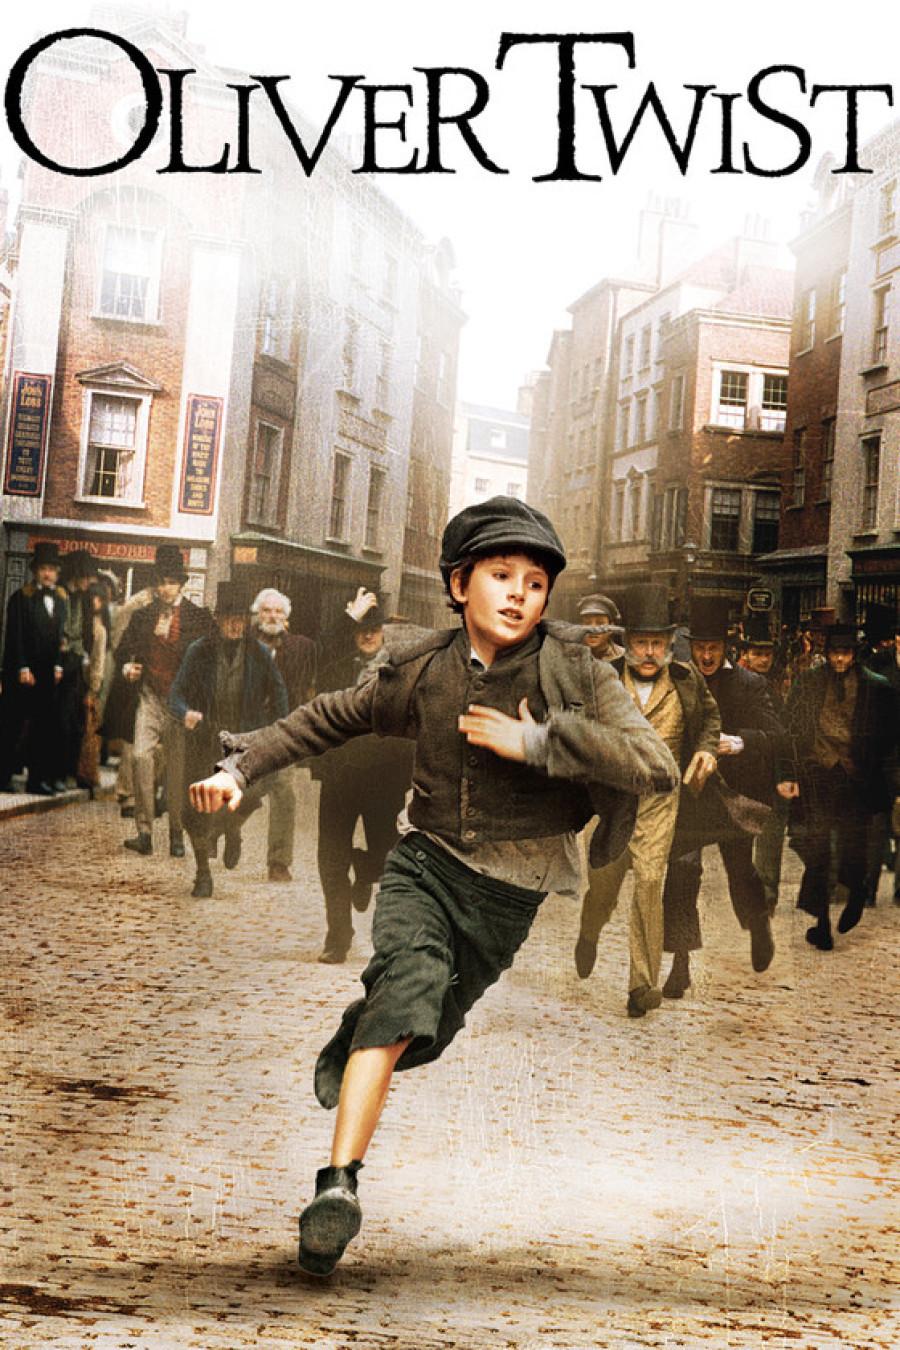 映画「オリバー・ツイスト」にあの有名英国靴店が登場!?_f0283816_14585623.jpg